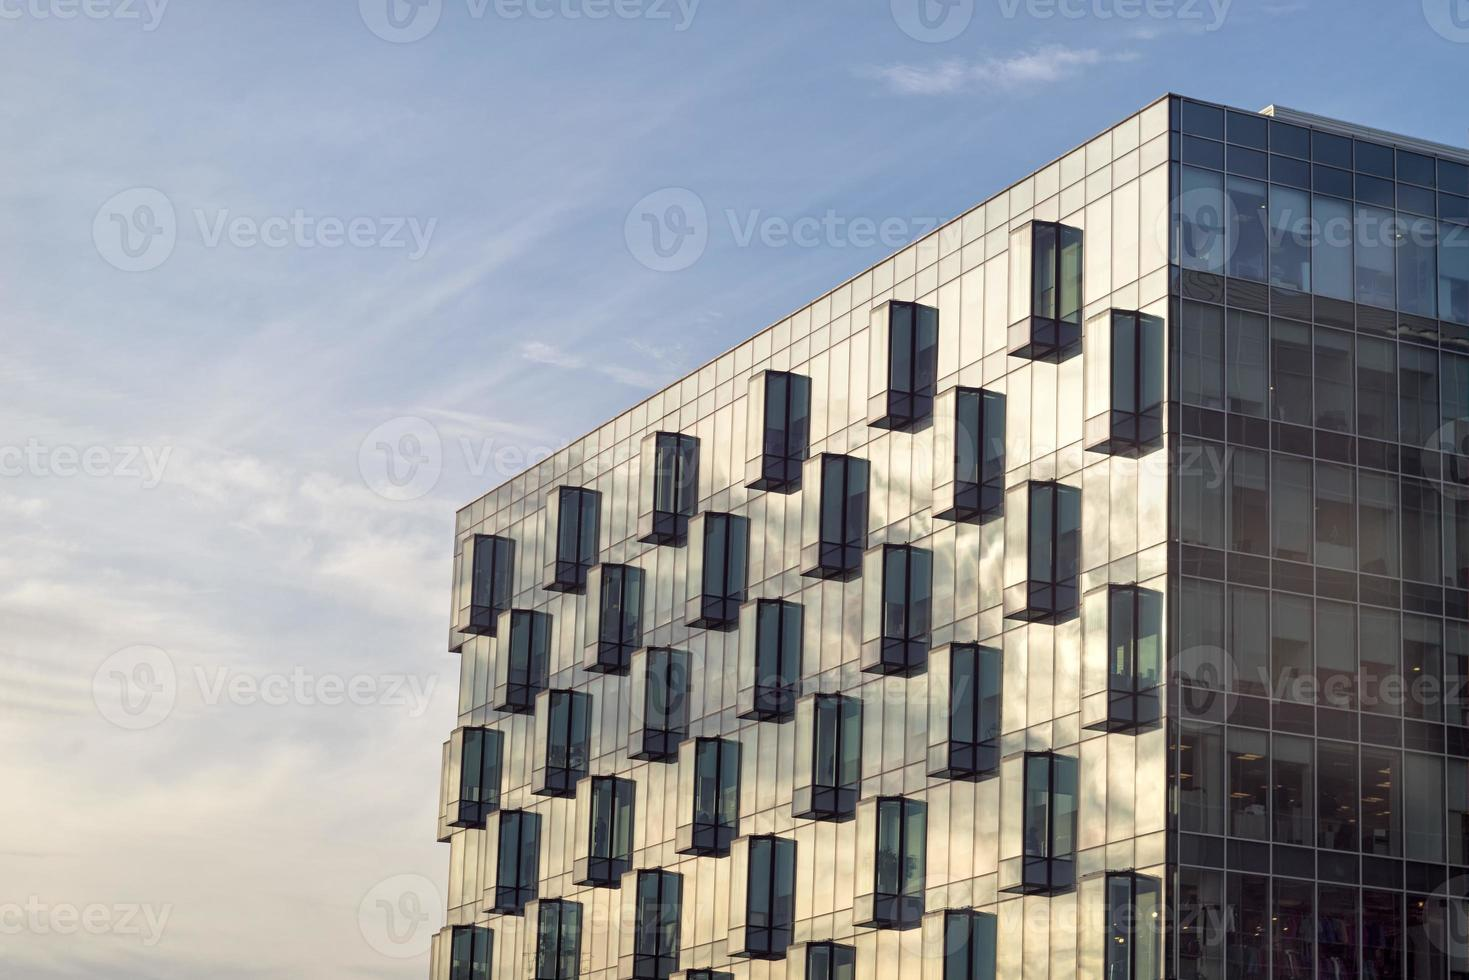 edificio de oficinas con esquina de fachada de vidrio foto